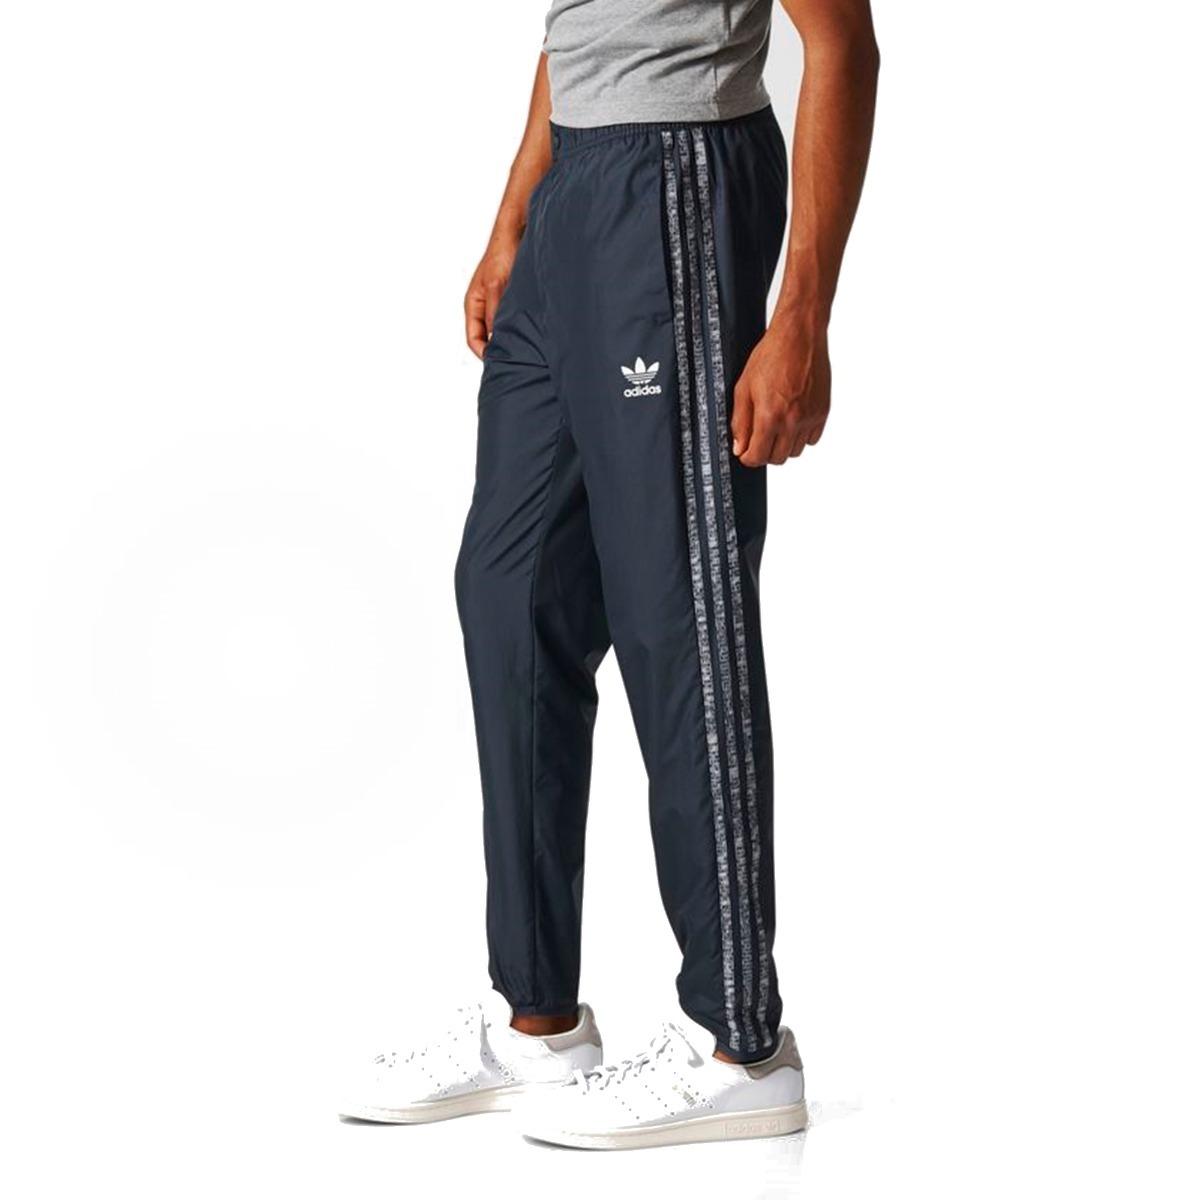 adidas pantalones hombre originals